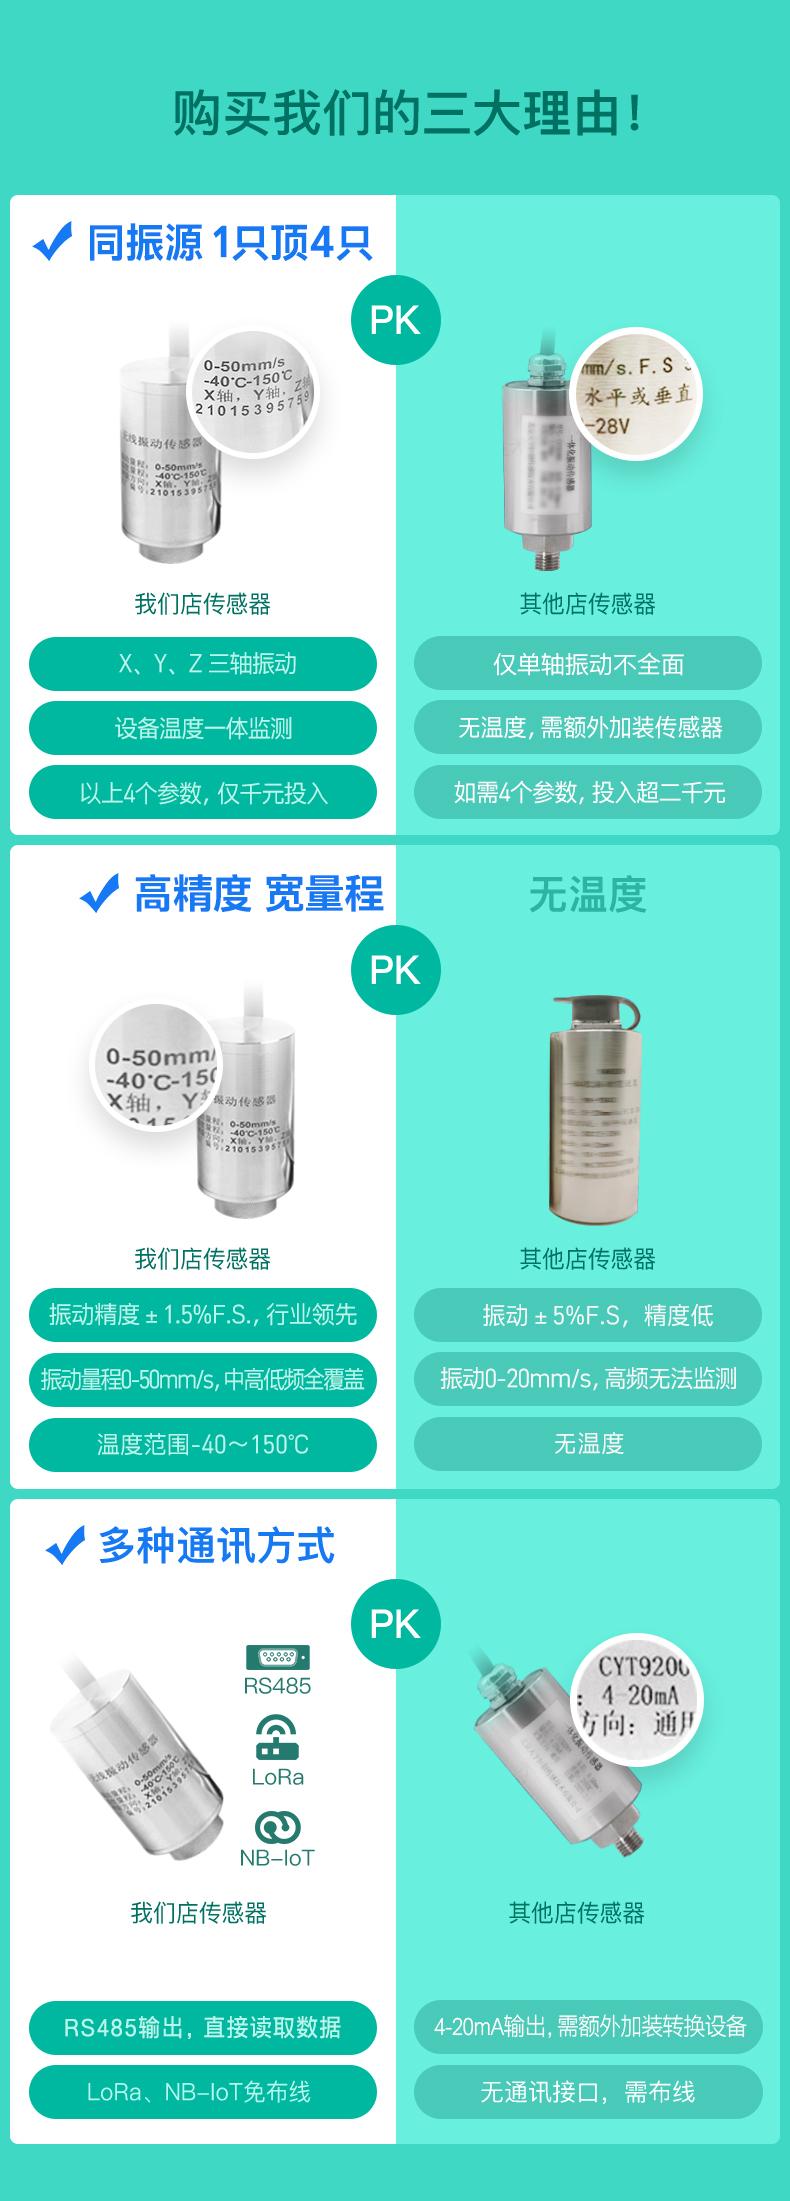 温度振动传感器高精度震动传感器2